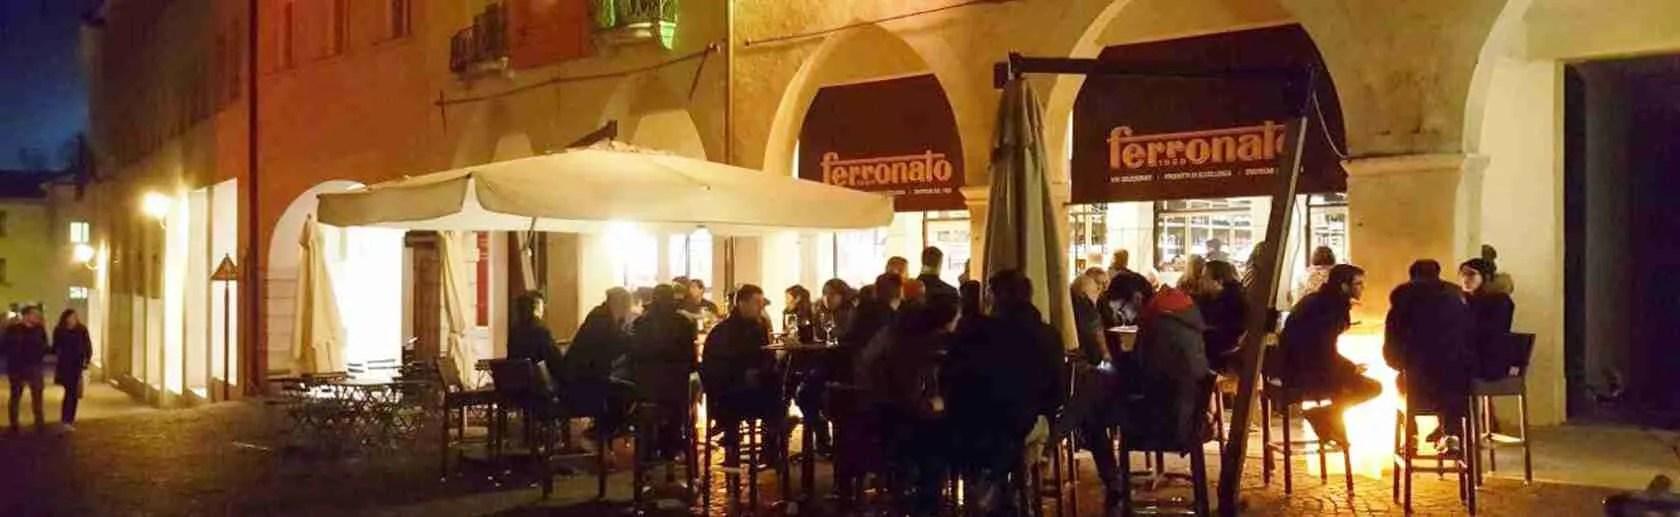 Tanti i locali in centro storico a Pordenone per un aperitivo con una escort di Pordenone.